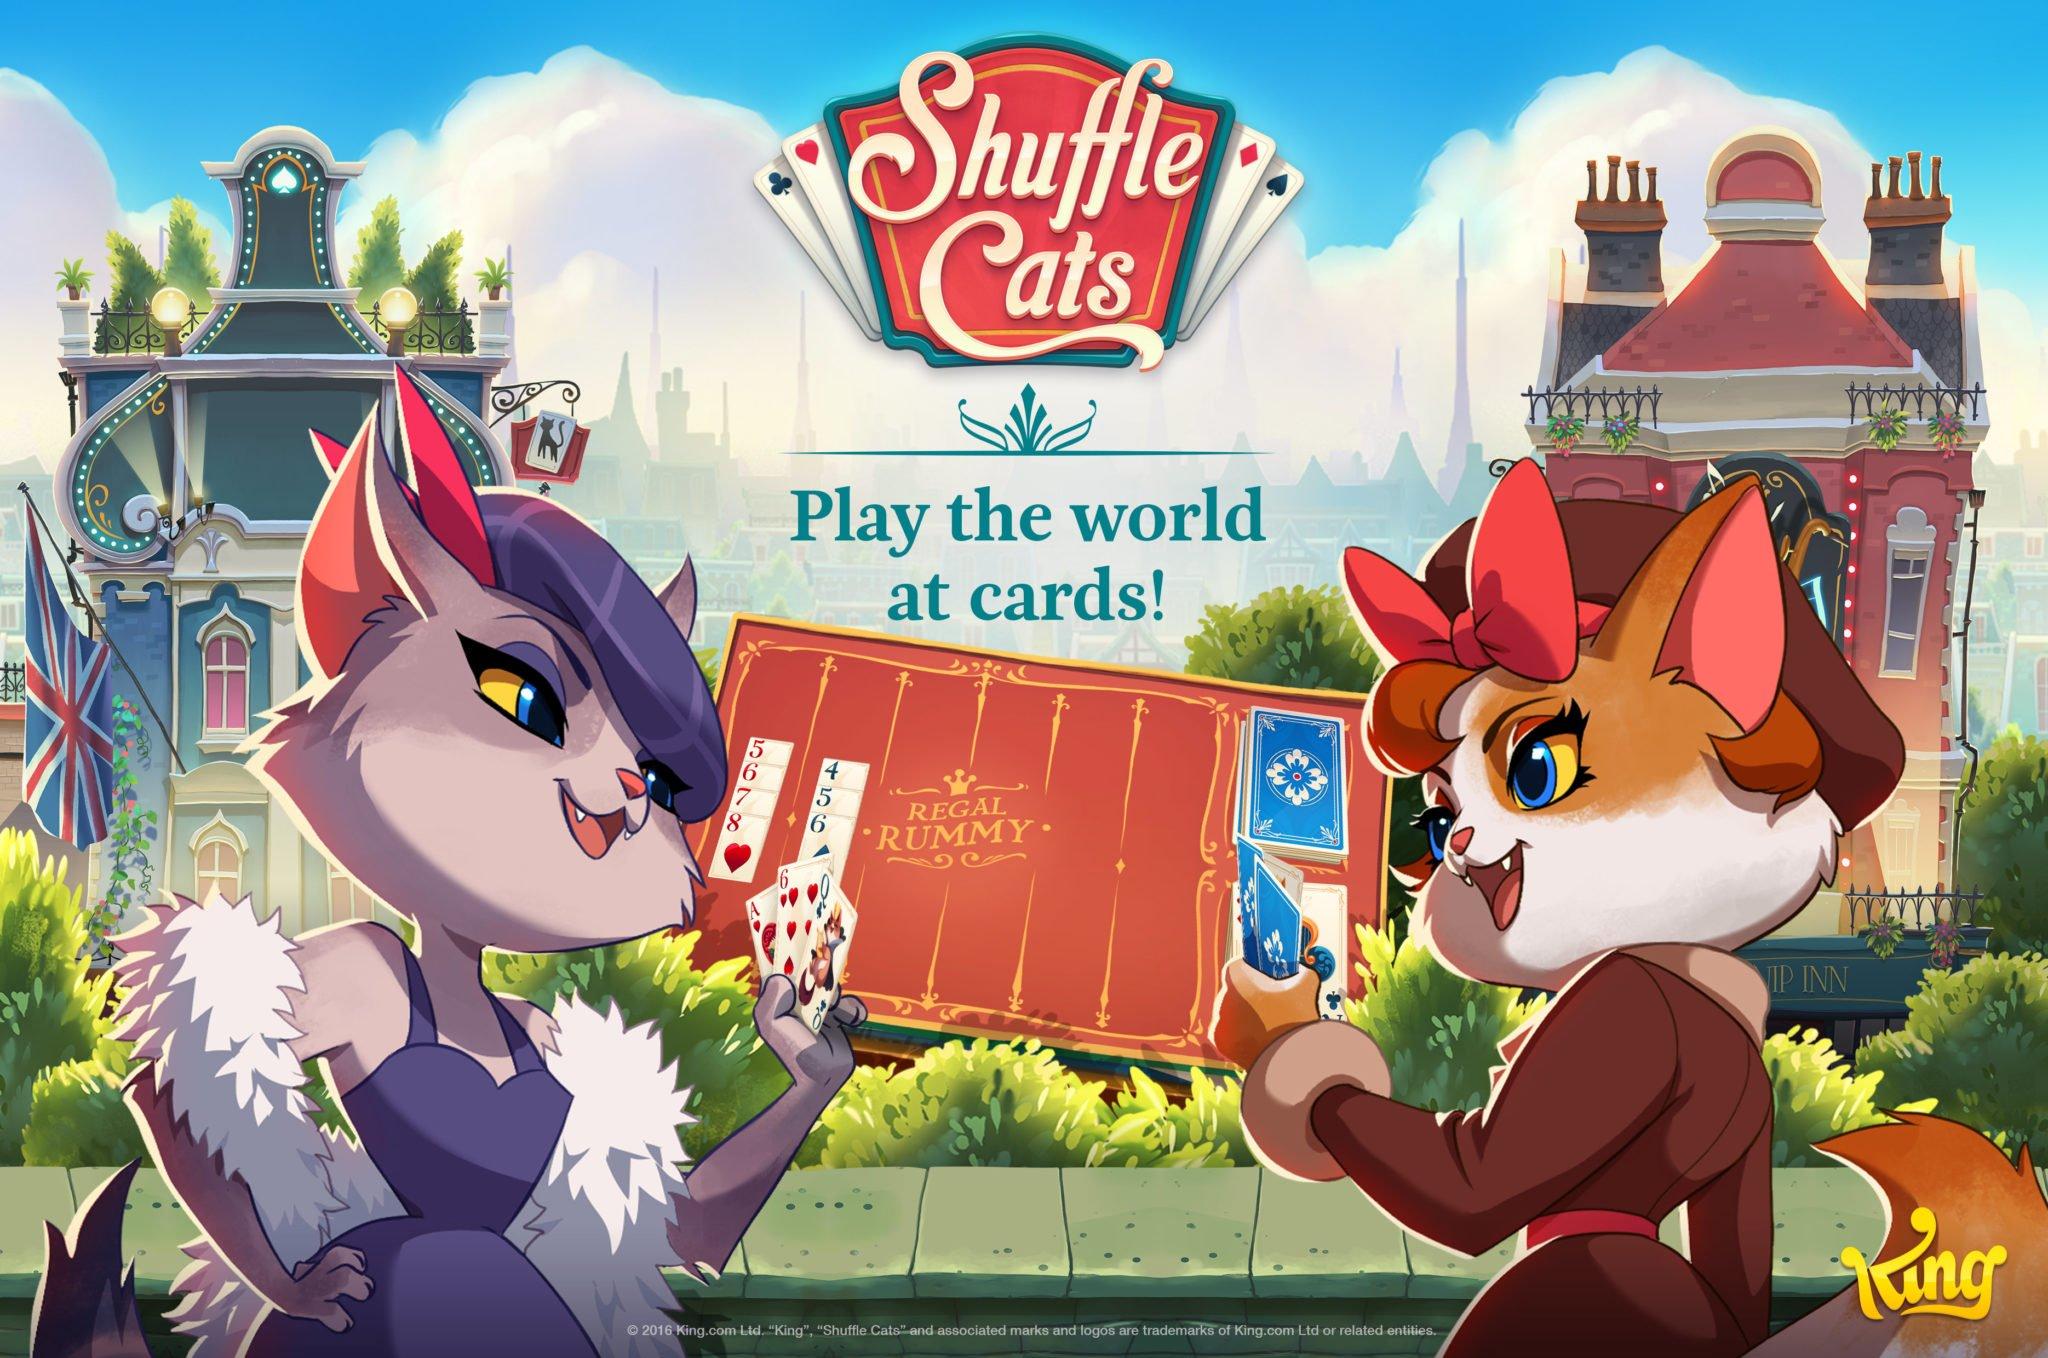 King Shuffle Cats 1